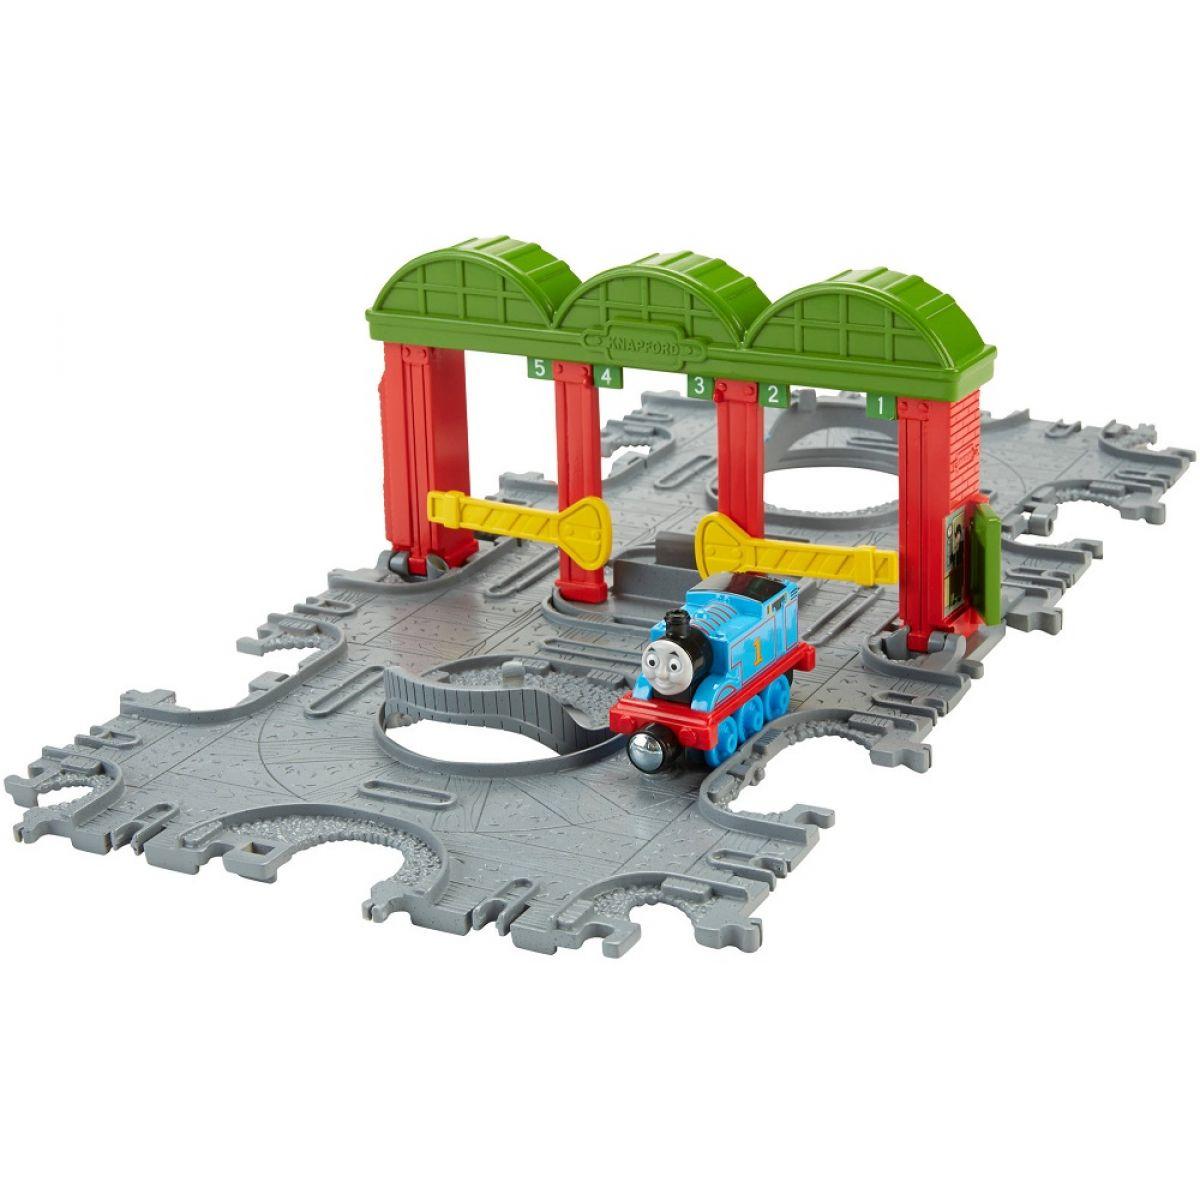 Fisher Price Mašinka Tomáš Take-n-Play Přenosná herní sada koleje - Knapford Station Tile Tracks